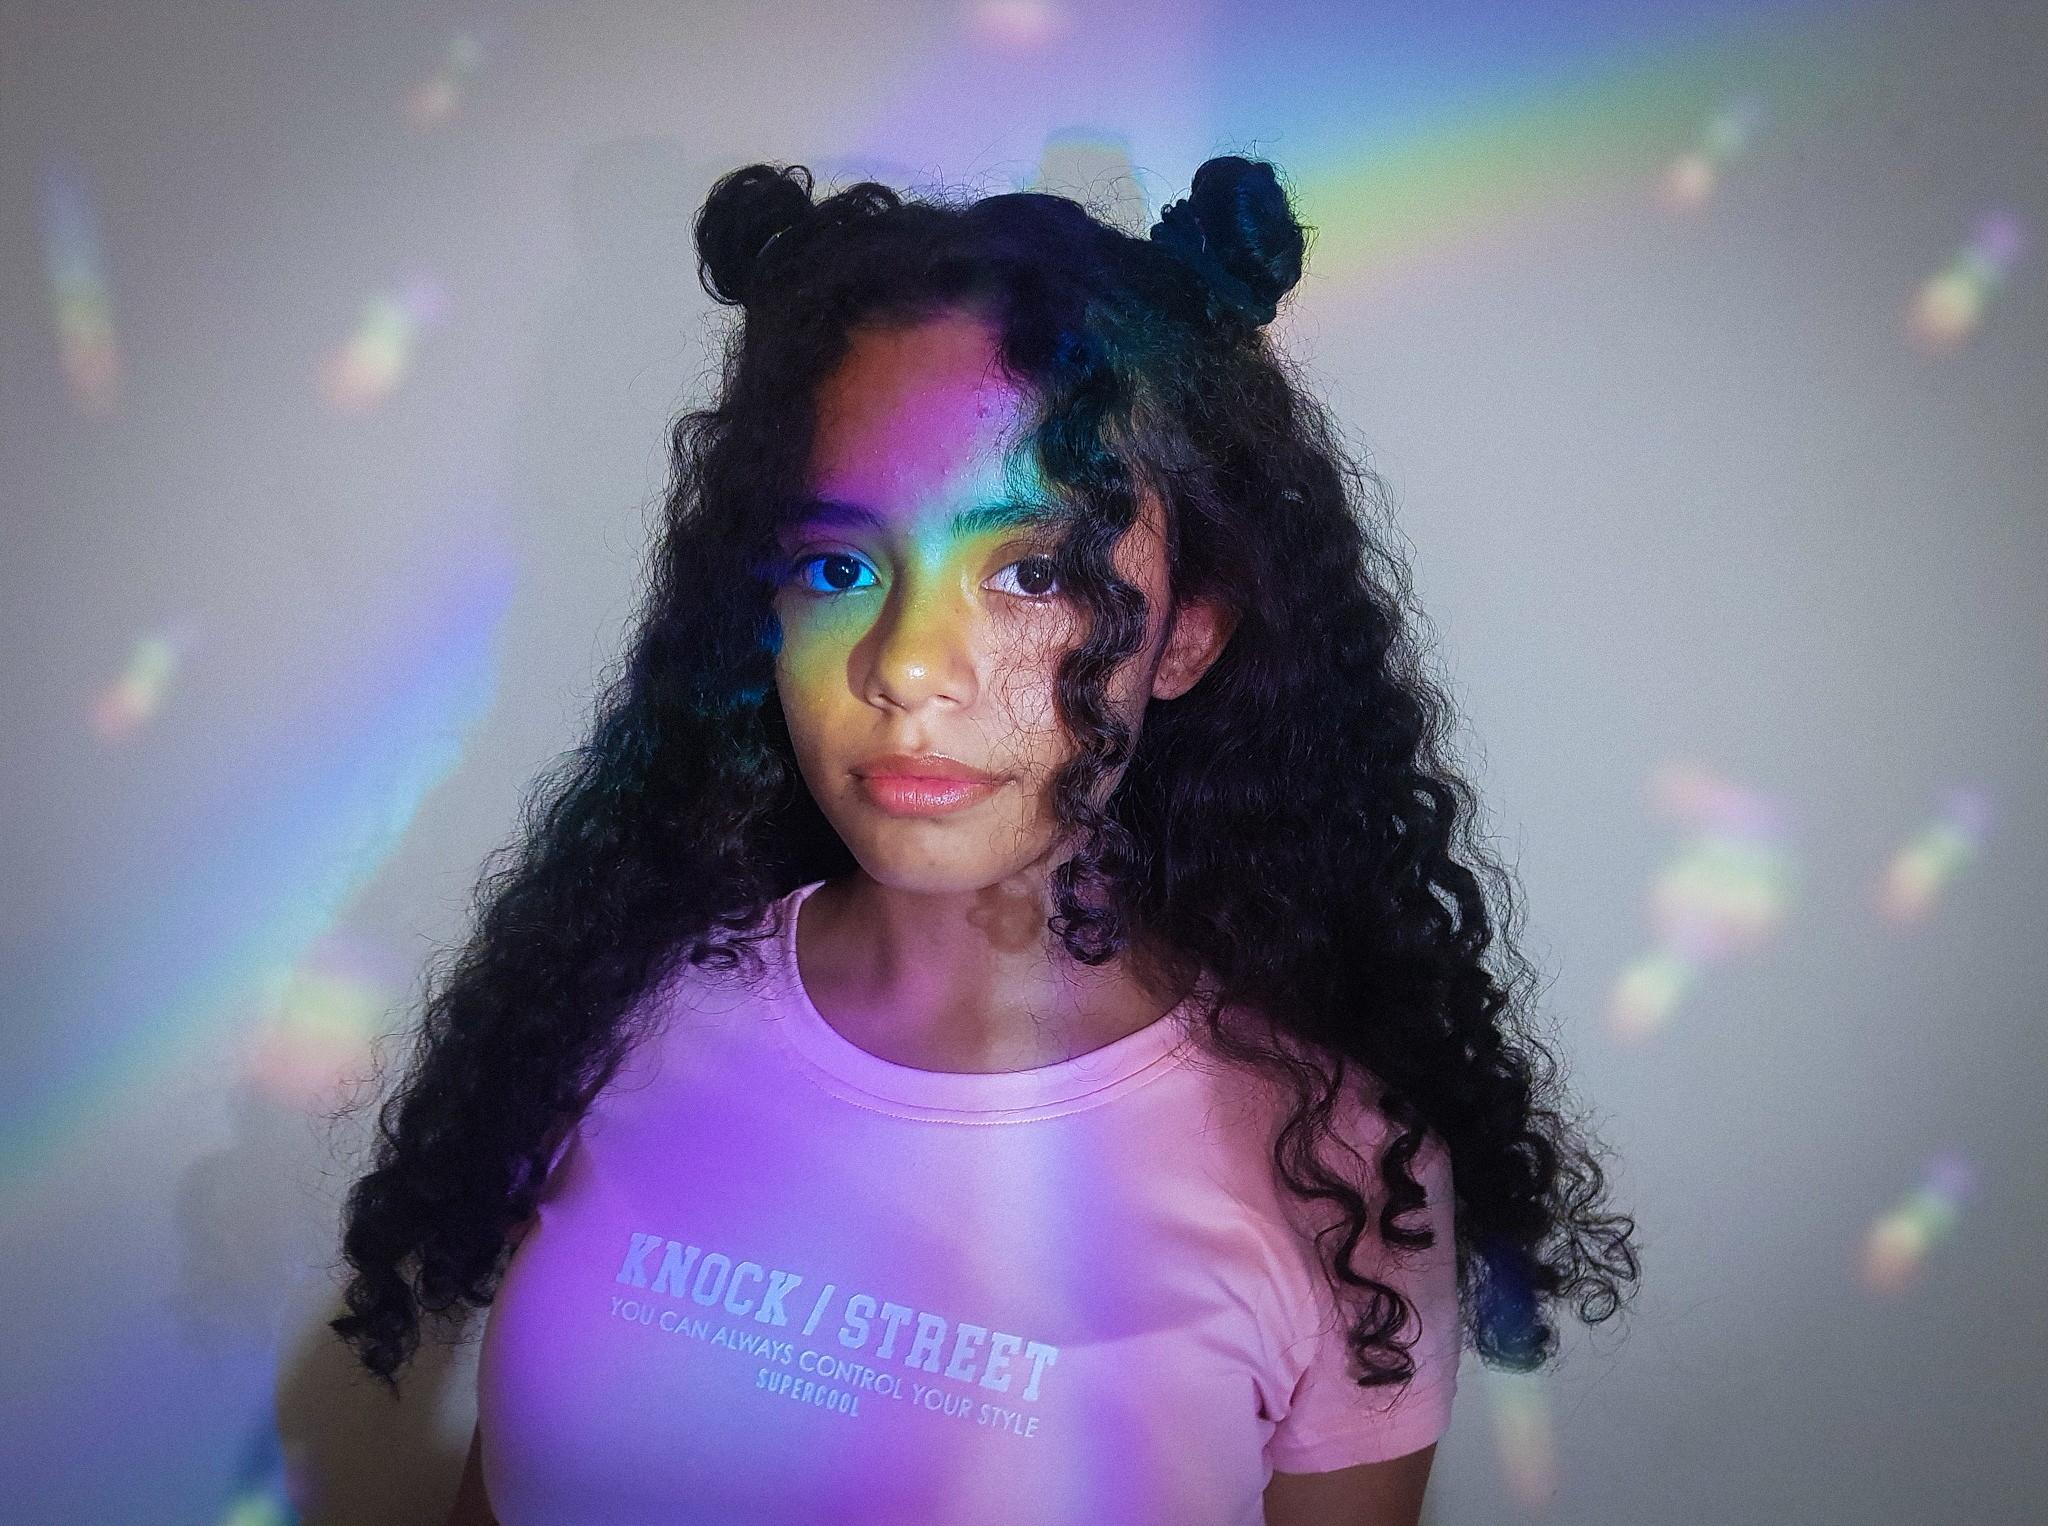 Asylph On Instagram Tumblr 35mm Aesthetic Rainbow Edit Vsco Vscox Lights Model Kodak Portrait Photography Photo Asylph Vsco